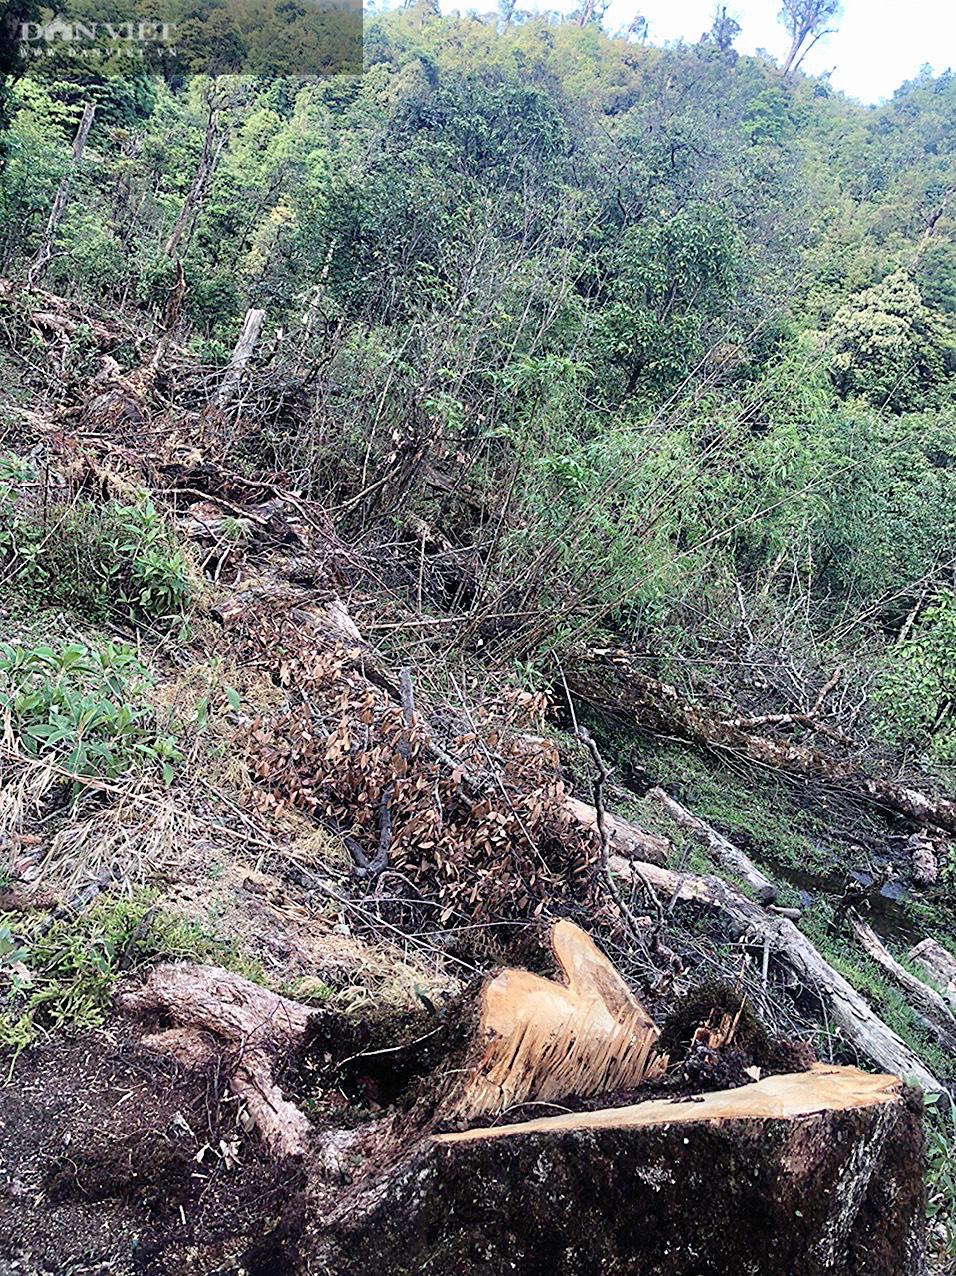 Phá rừng pơ mu VQG Hoàng Liên: Chủ Vườn đã bỏ qua các vấn đề mấu chốt trong báo cáo gửi cấp trên! - Ảnh 10.